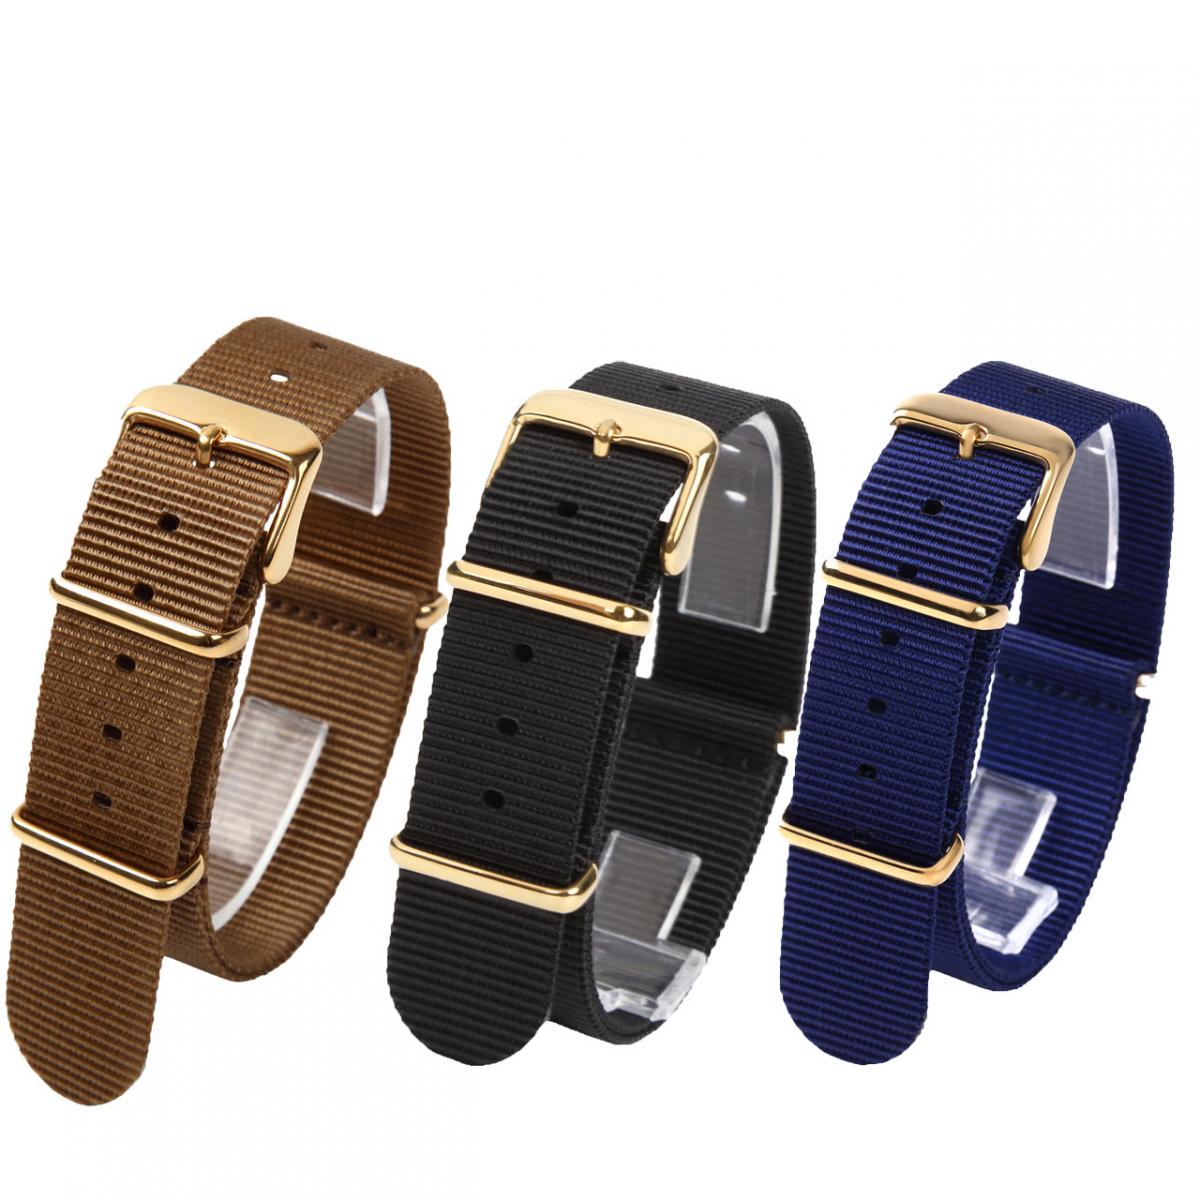 時計ベルト NATO ゴールドバックル ショートサイズ 18mm 3本セット 取付けマニュアル 腕時計バンドセット売り_画像1